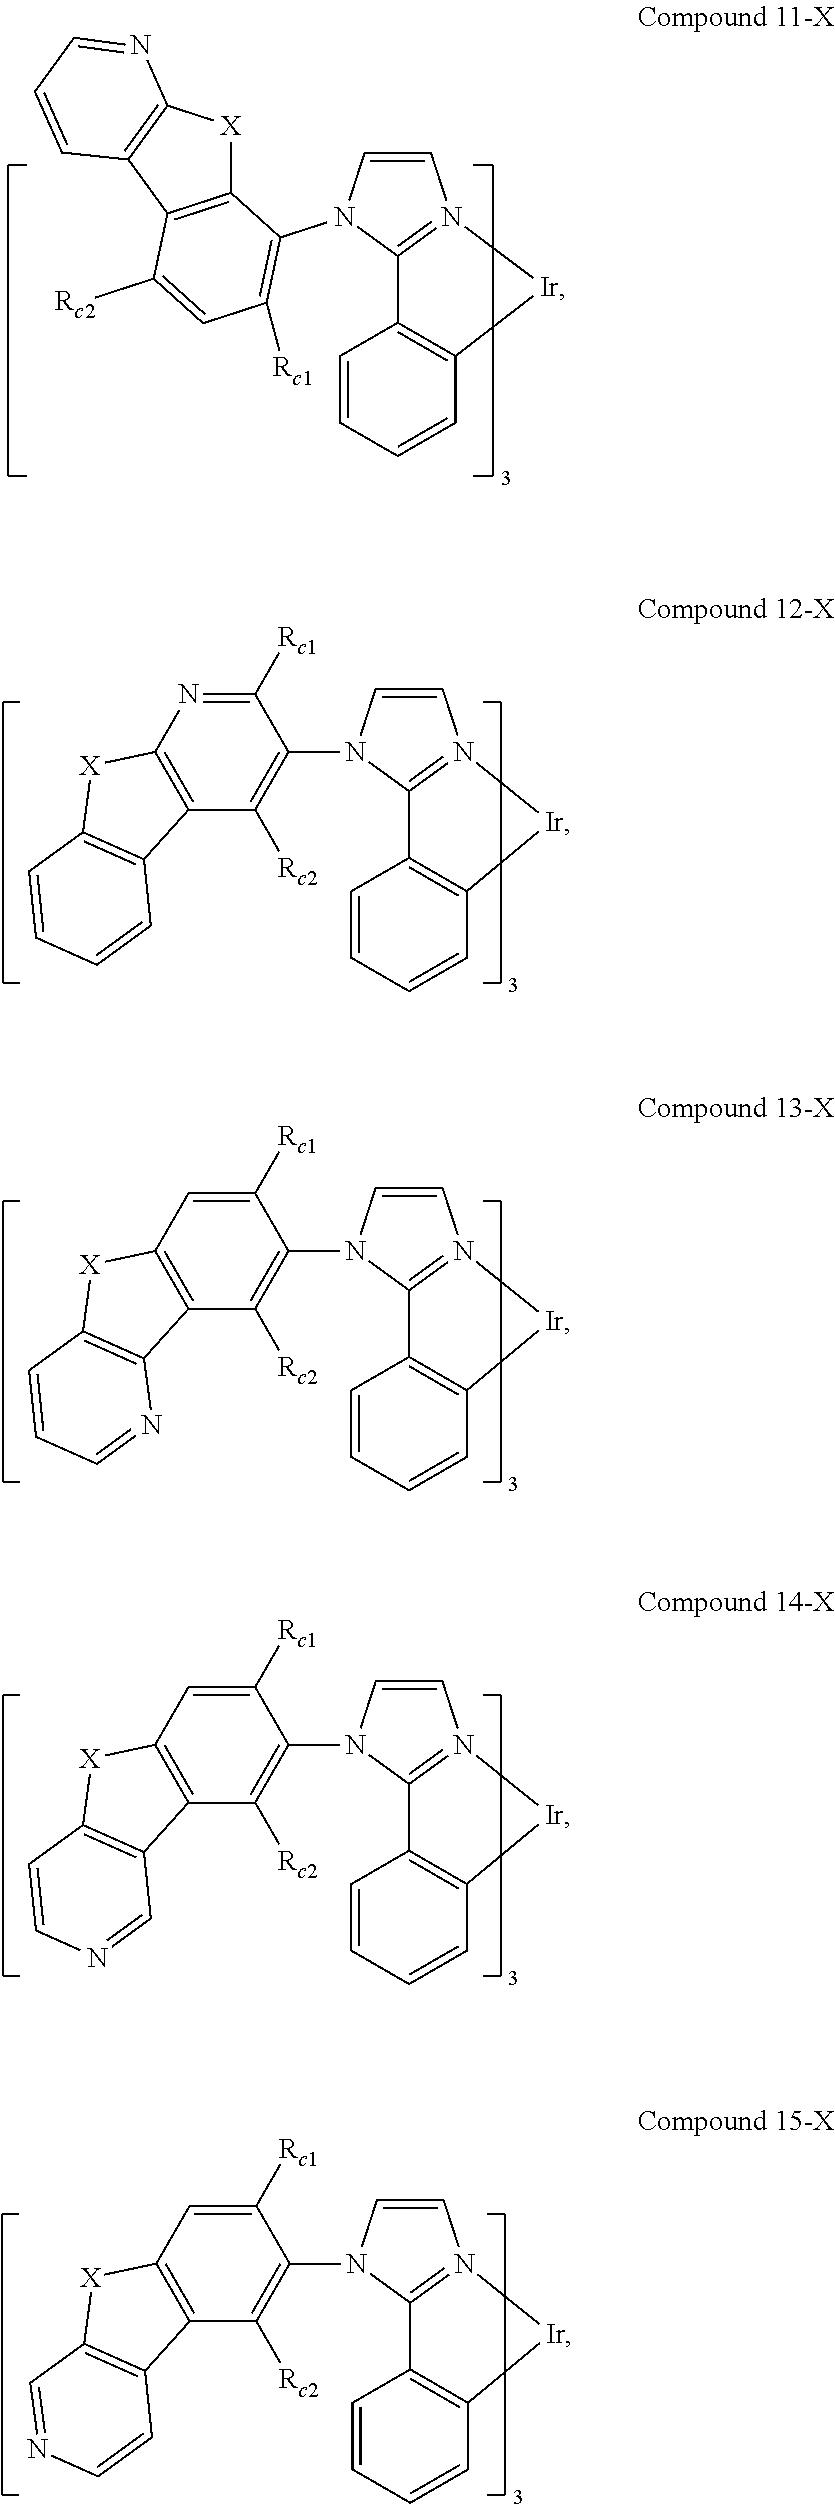 Figure US09978958-20180522-C00008